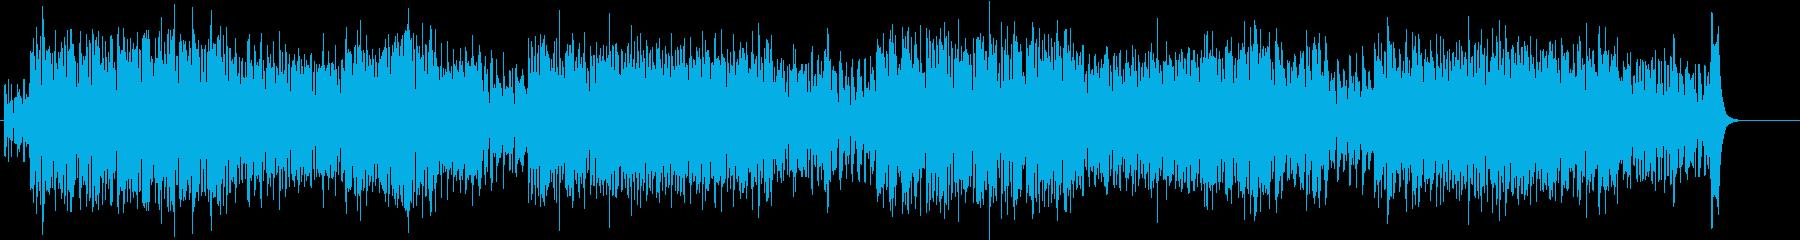 ドタバタ 騒がしいコミカルなBGMの再生済みの波形